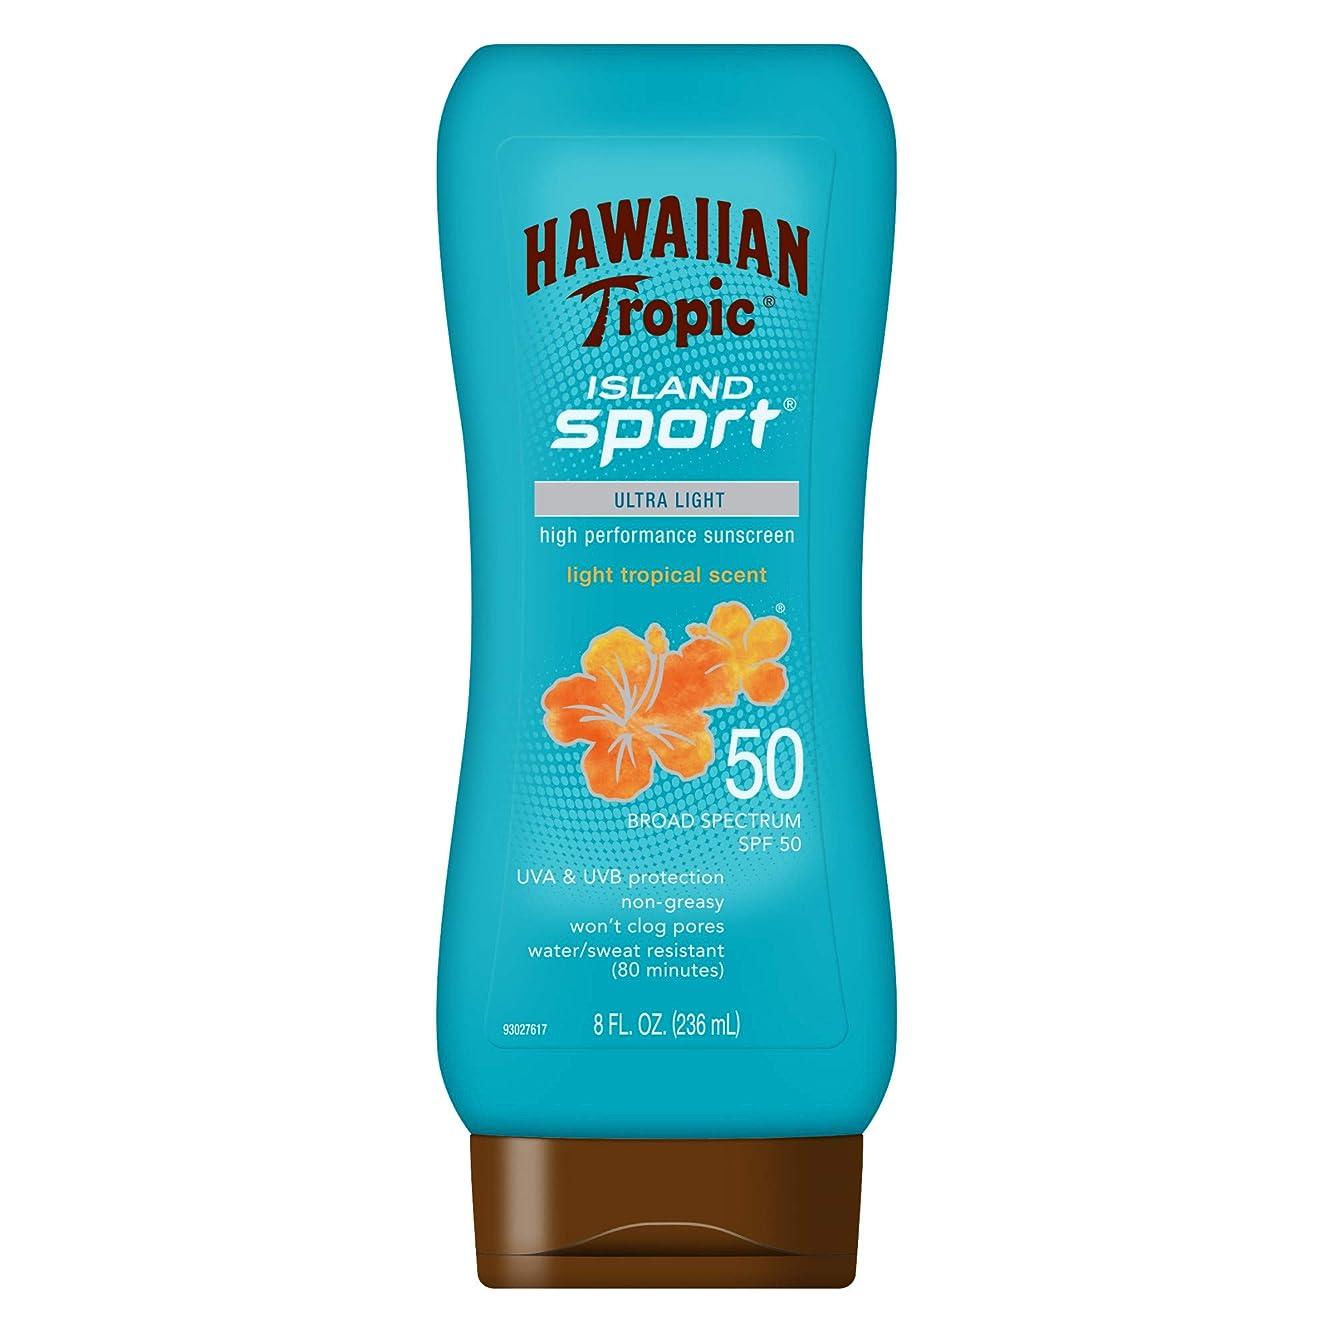 休暇落ち着かないメイエラHawaiian Tropic アイランドスポーツ広域スペクトル日焼け止めローション、SPF 50-8液量オンス